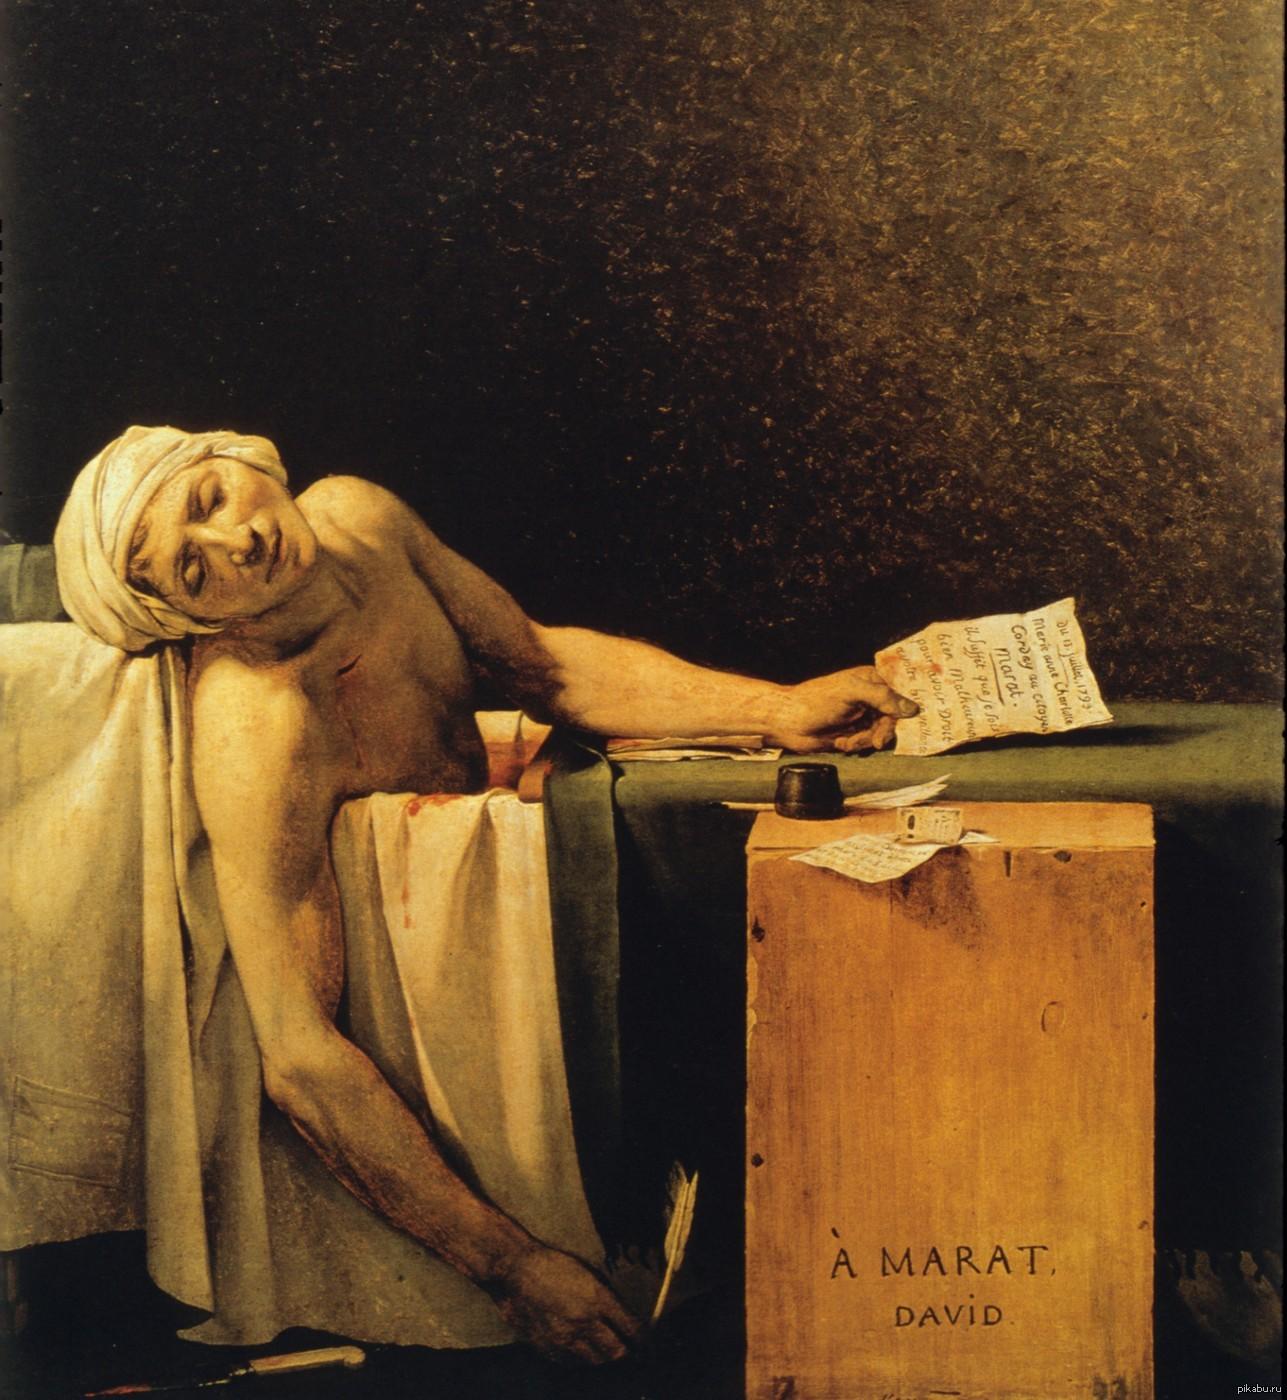 Pinturas que têm como tema a morte